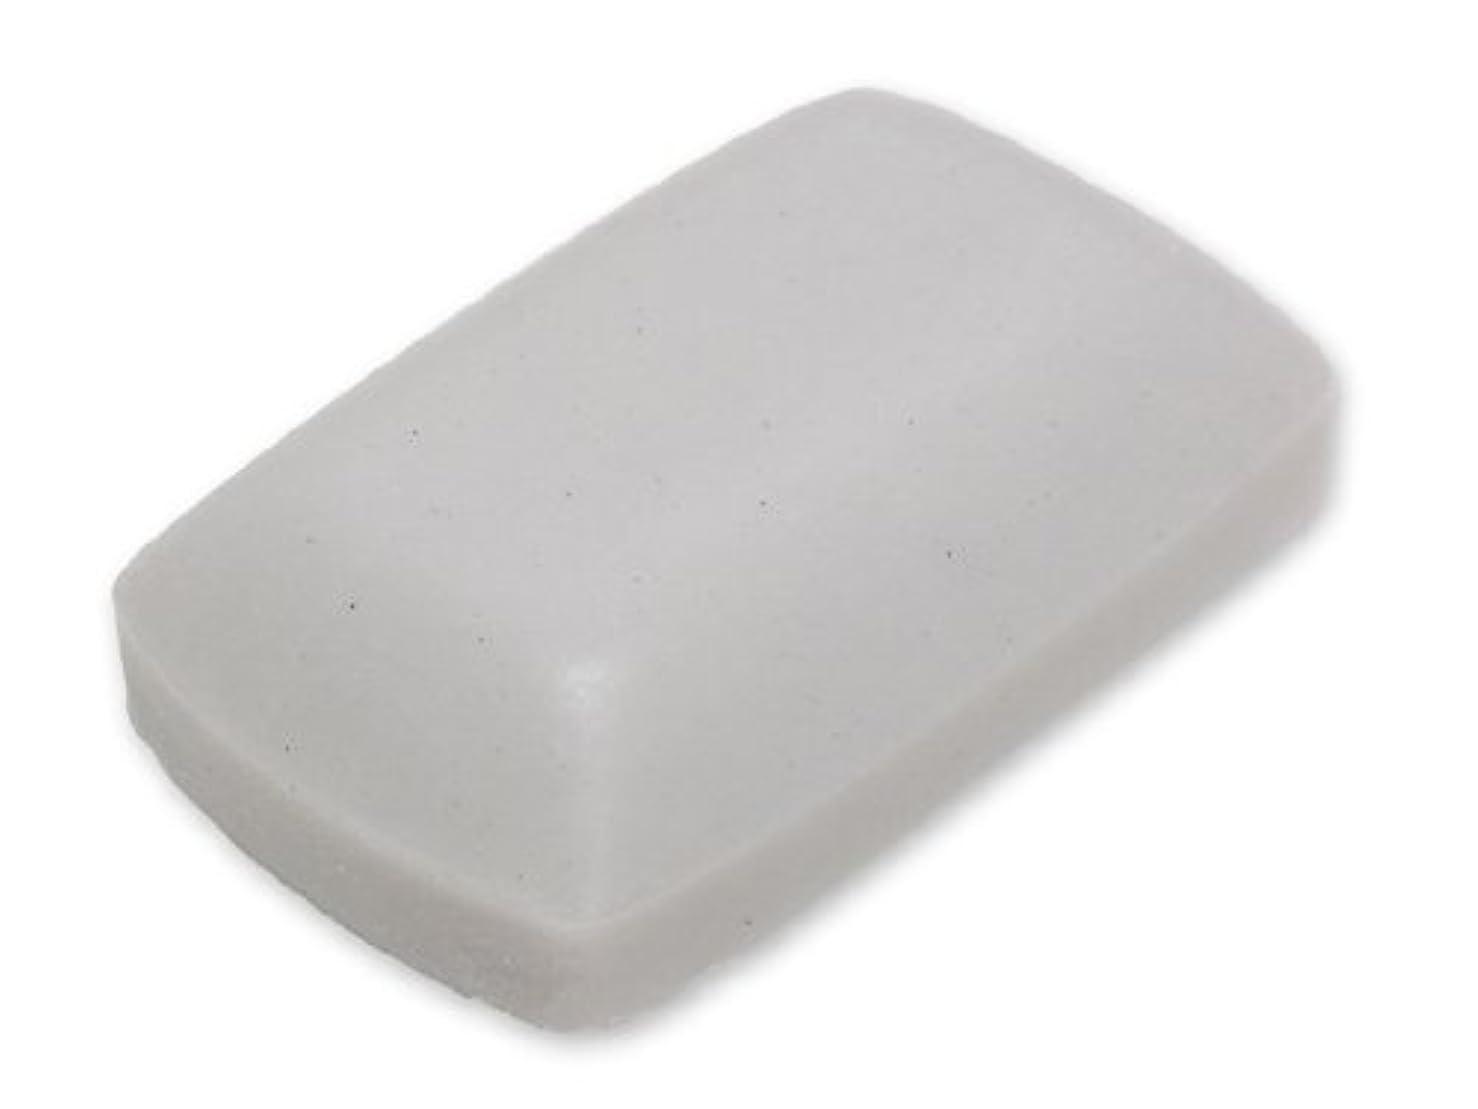 不思議な石鹸「ゆらぎ乃せっけん」